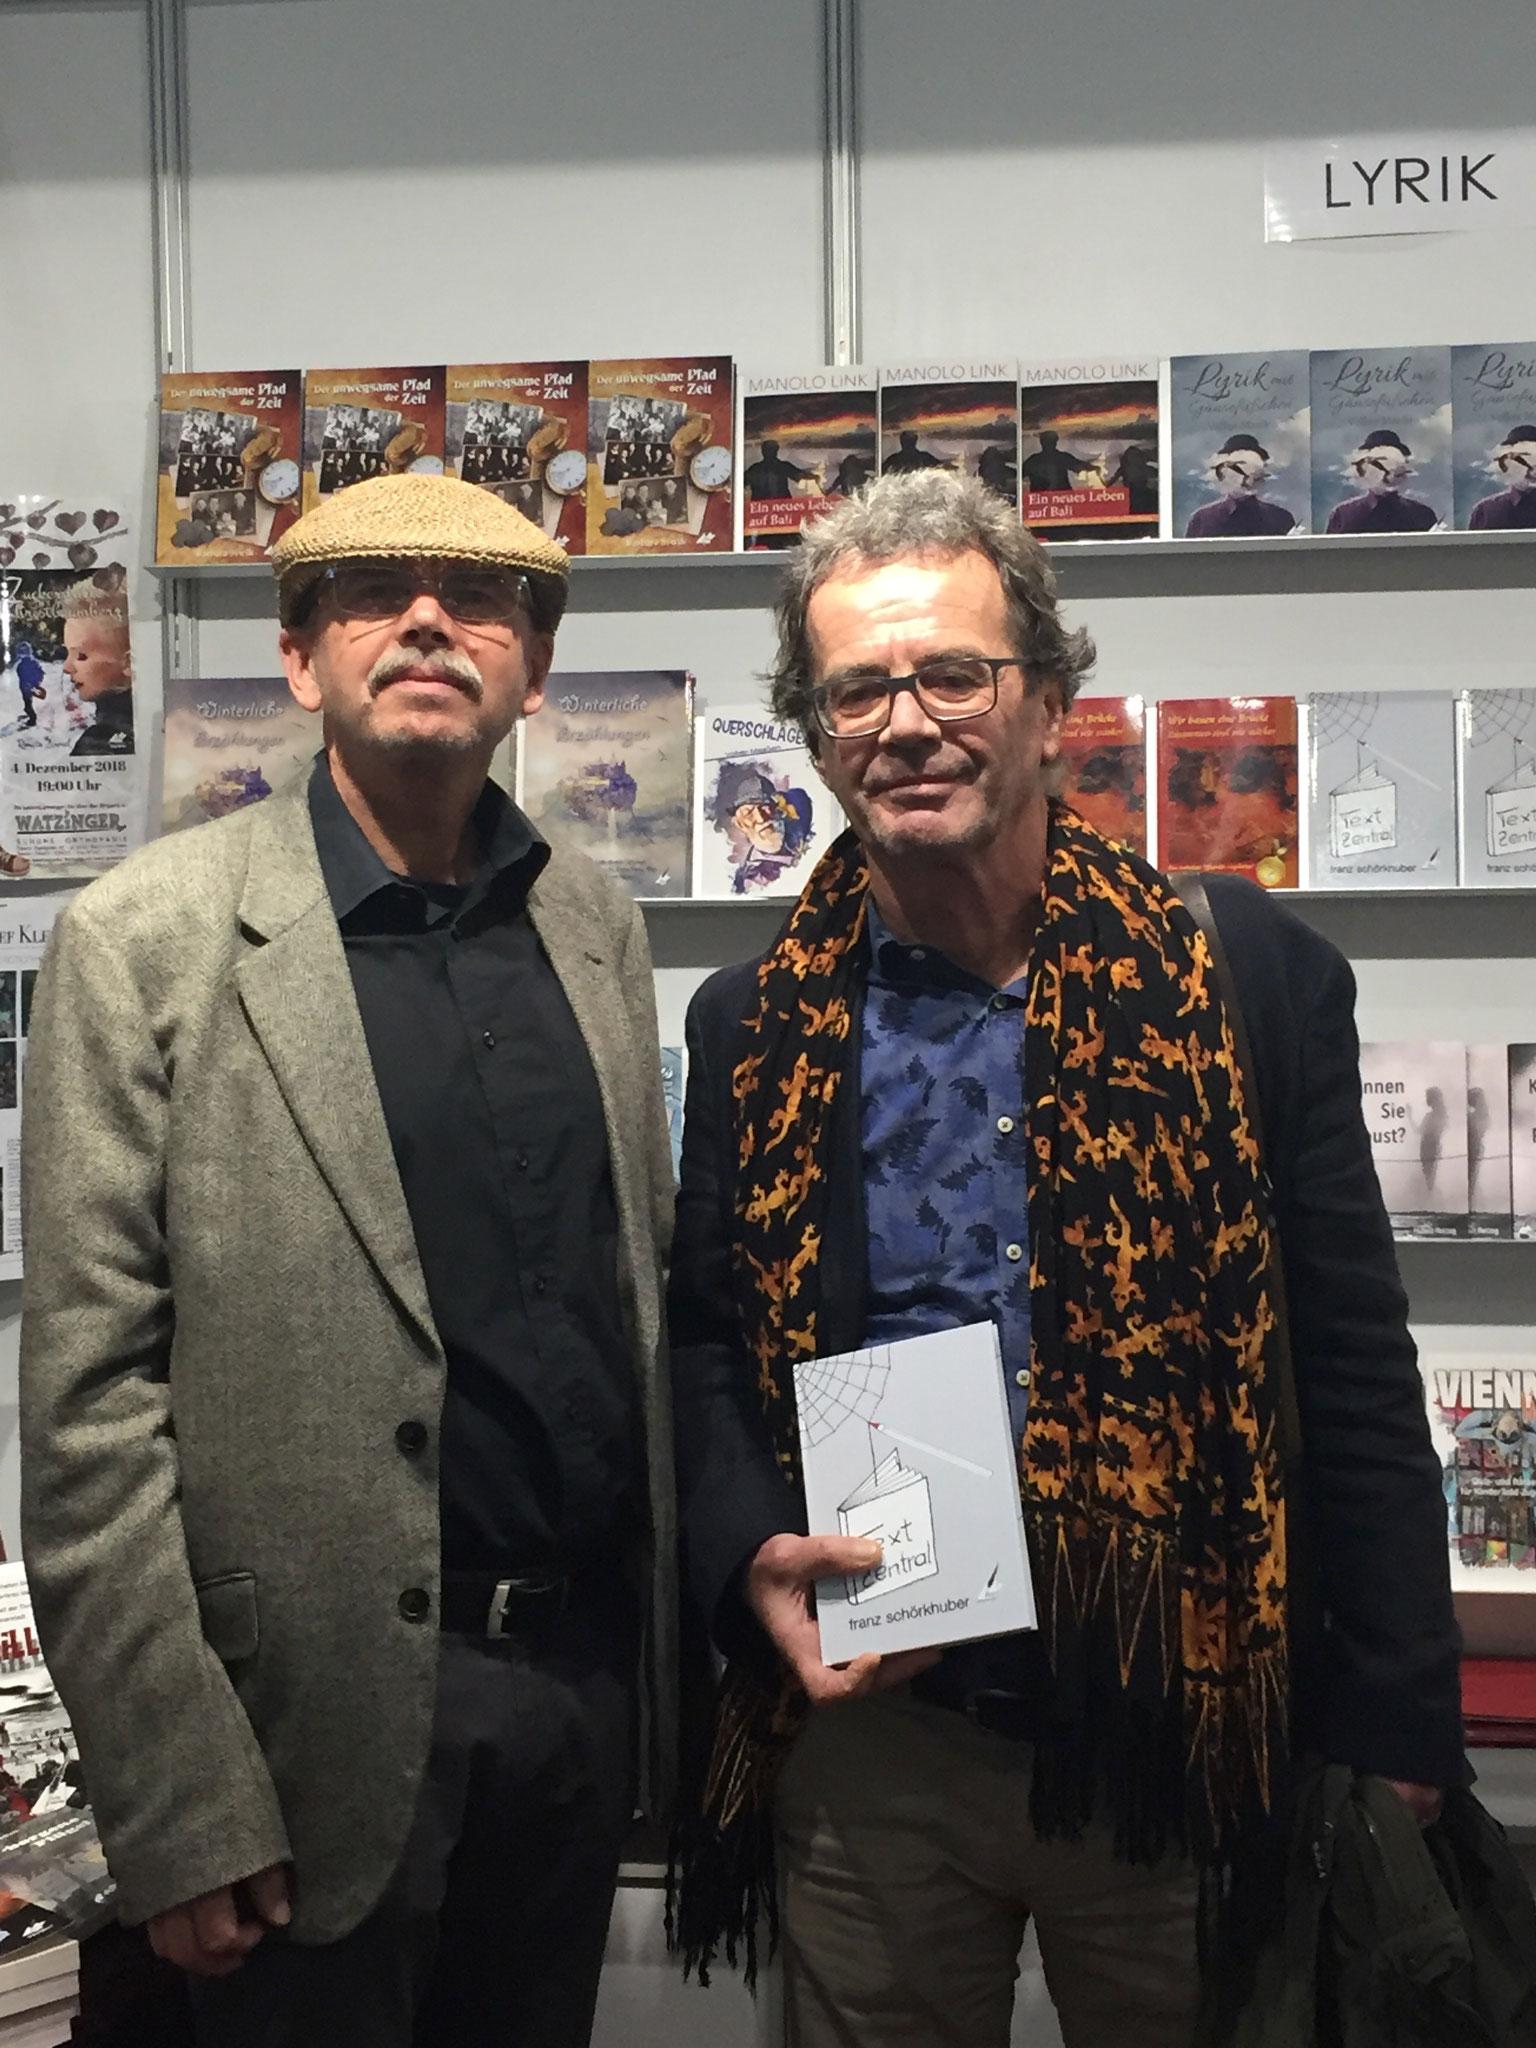 Franz Schoerkhuber mit einem Leser